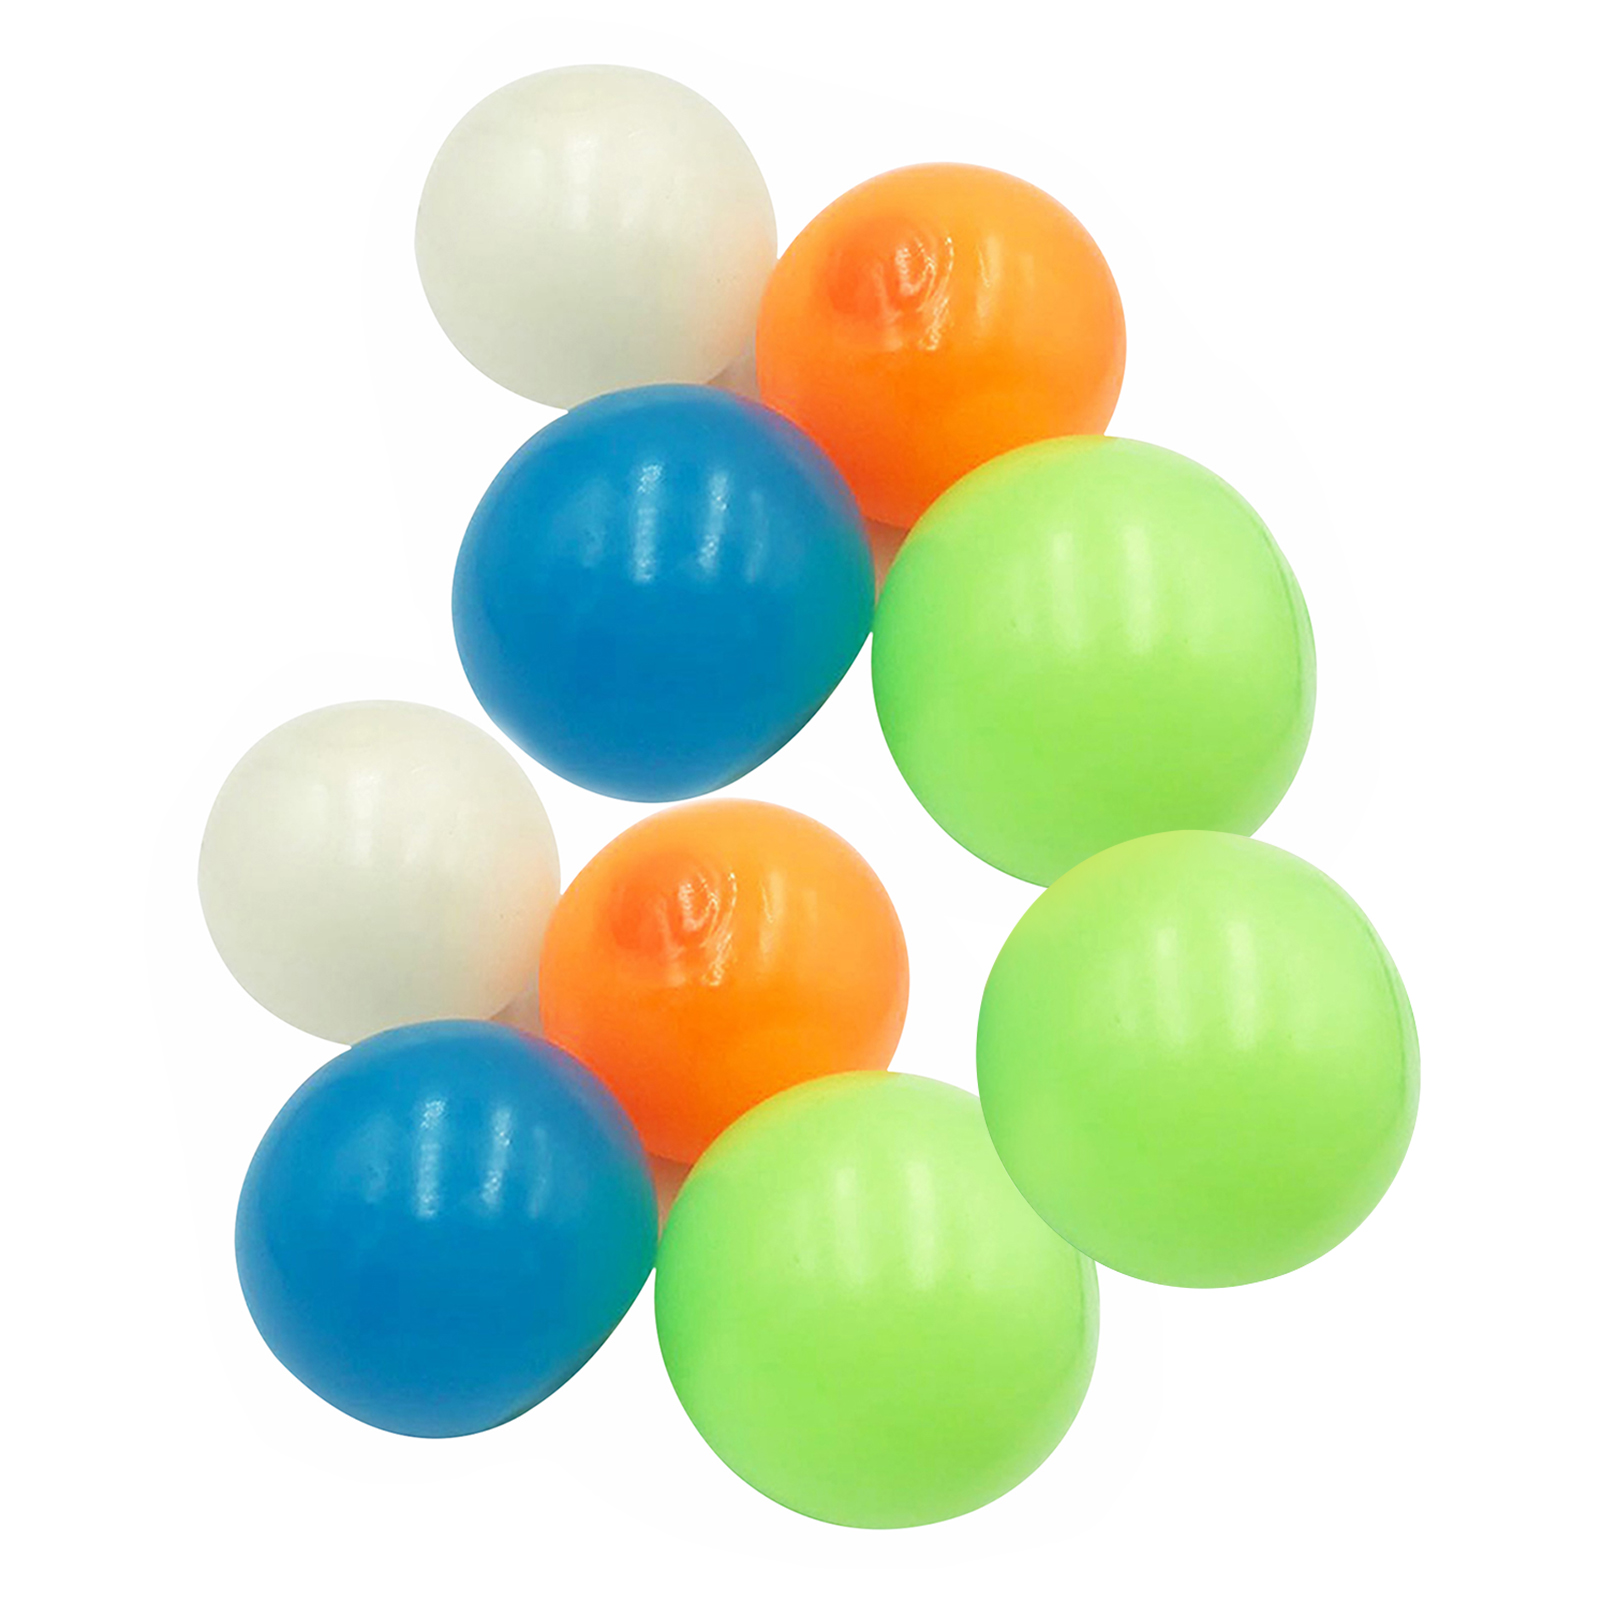 Детские игрушки, Стик, настенный мяч, игрушки для снятия стресса, липкий Сквош-мяч, шарики, декомпрессионная игрушка, липкая мишень, мяч, пойм...